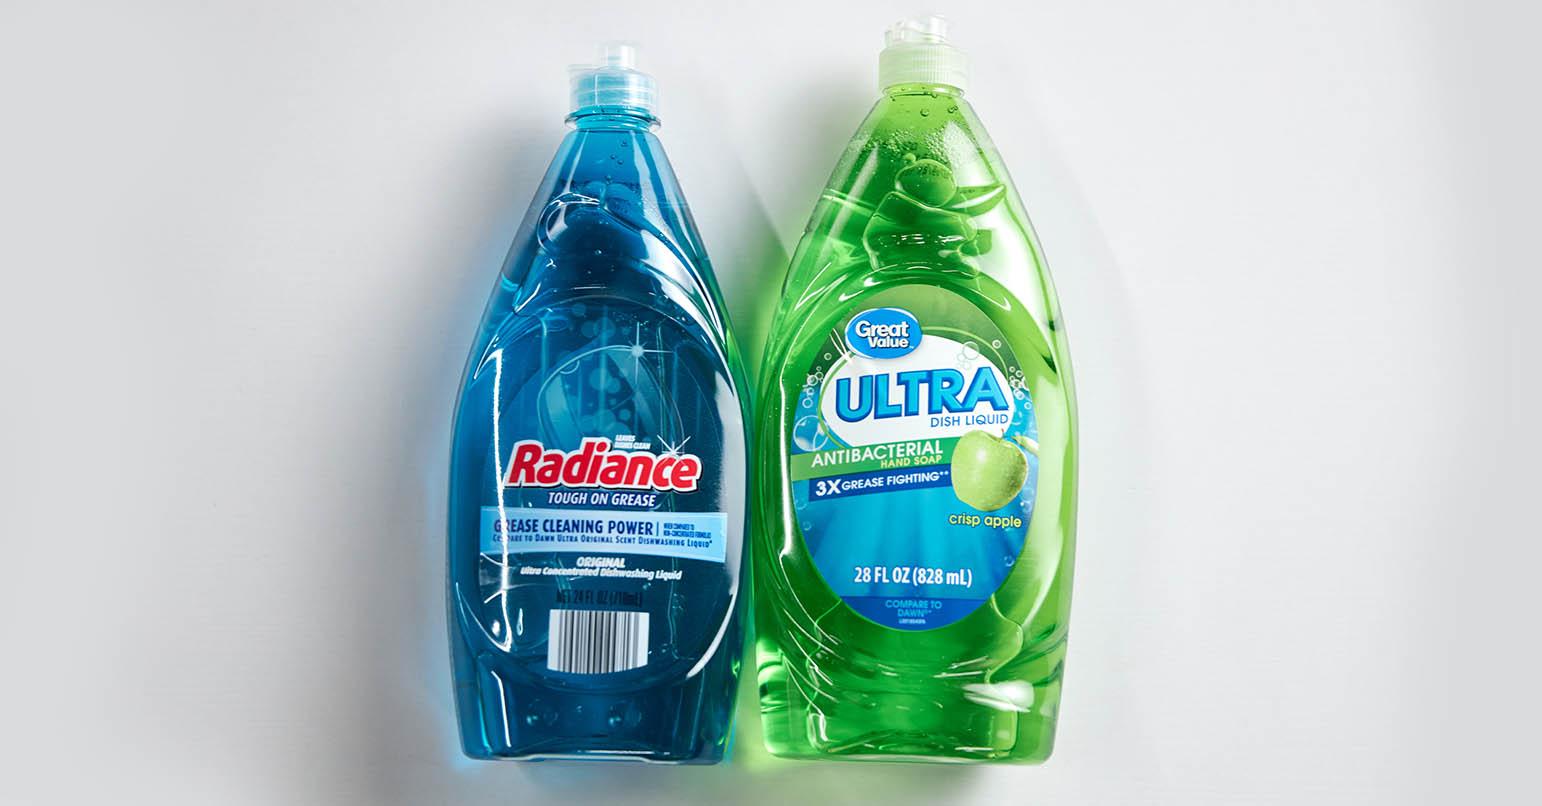 Aldi vs Walmart Dish Soap